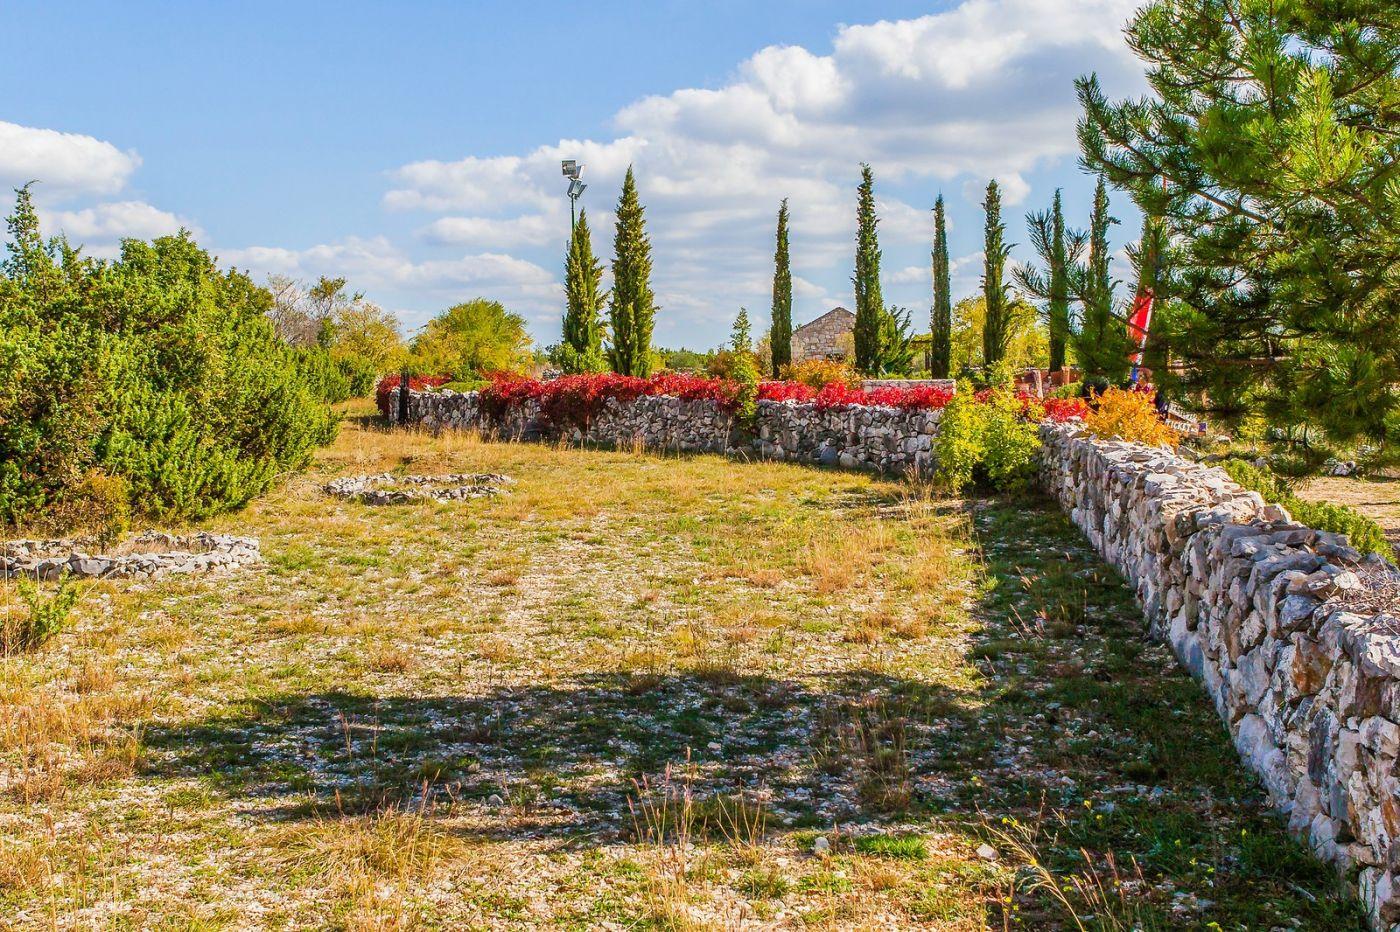 克罗地亚达尔马提亚村,独特的地域风貌_图1-18